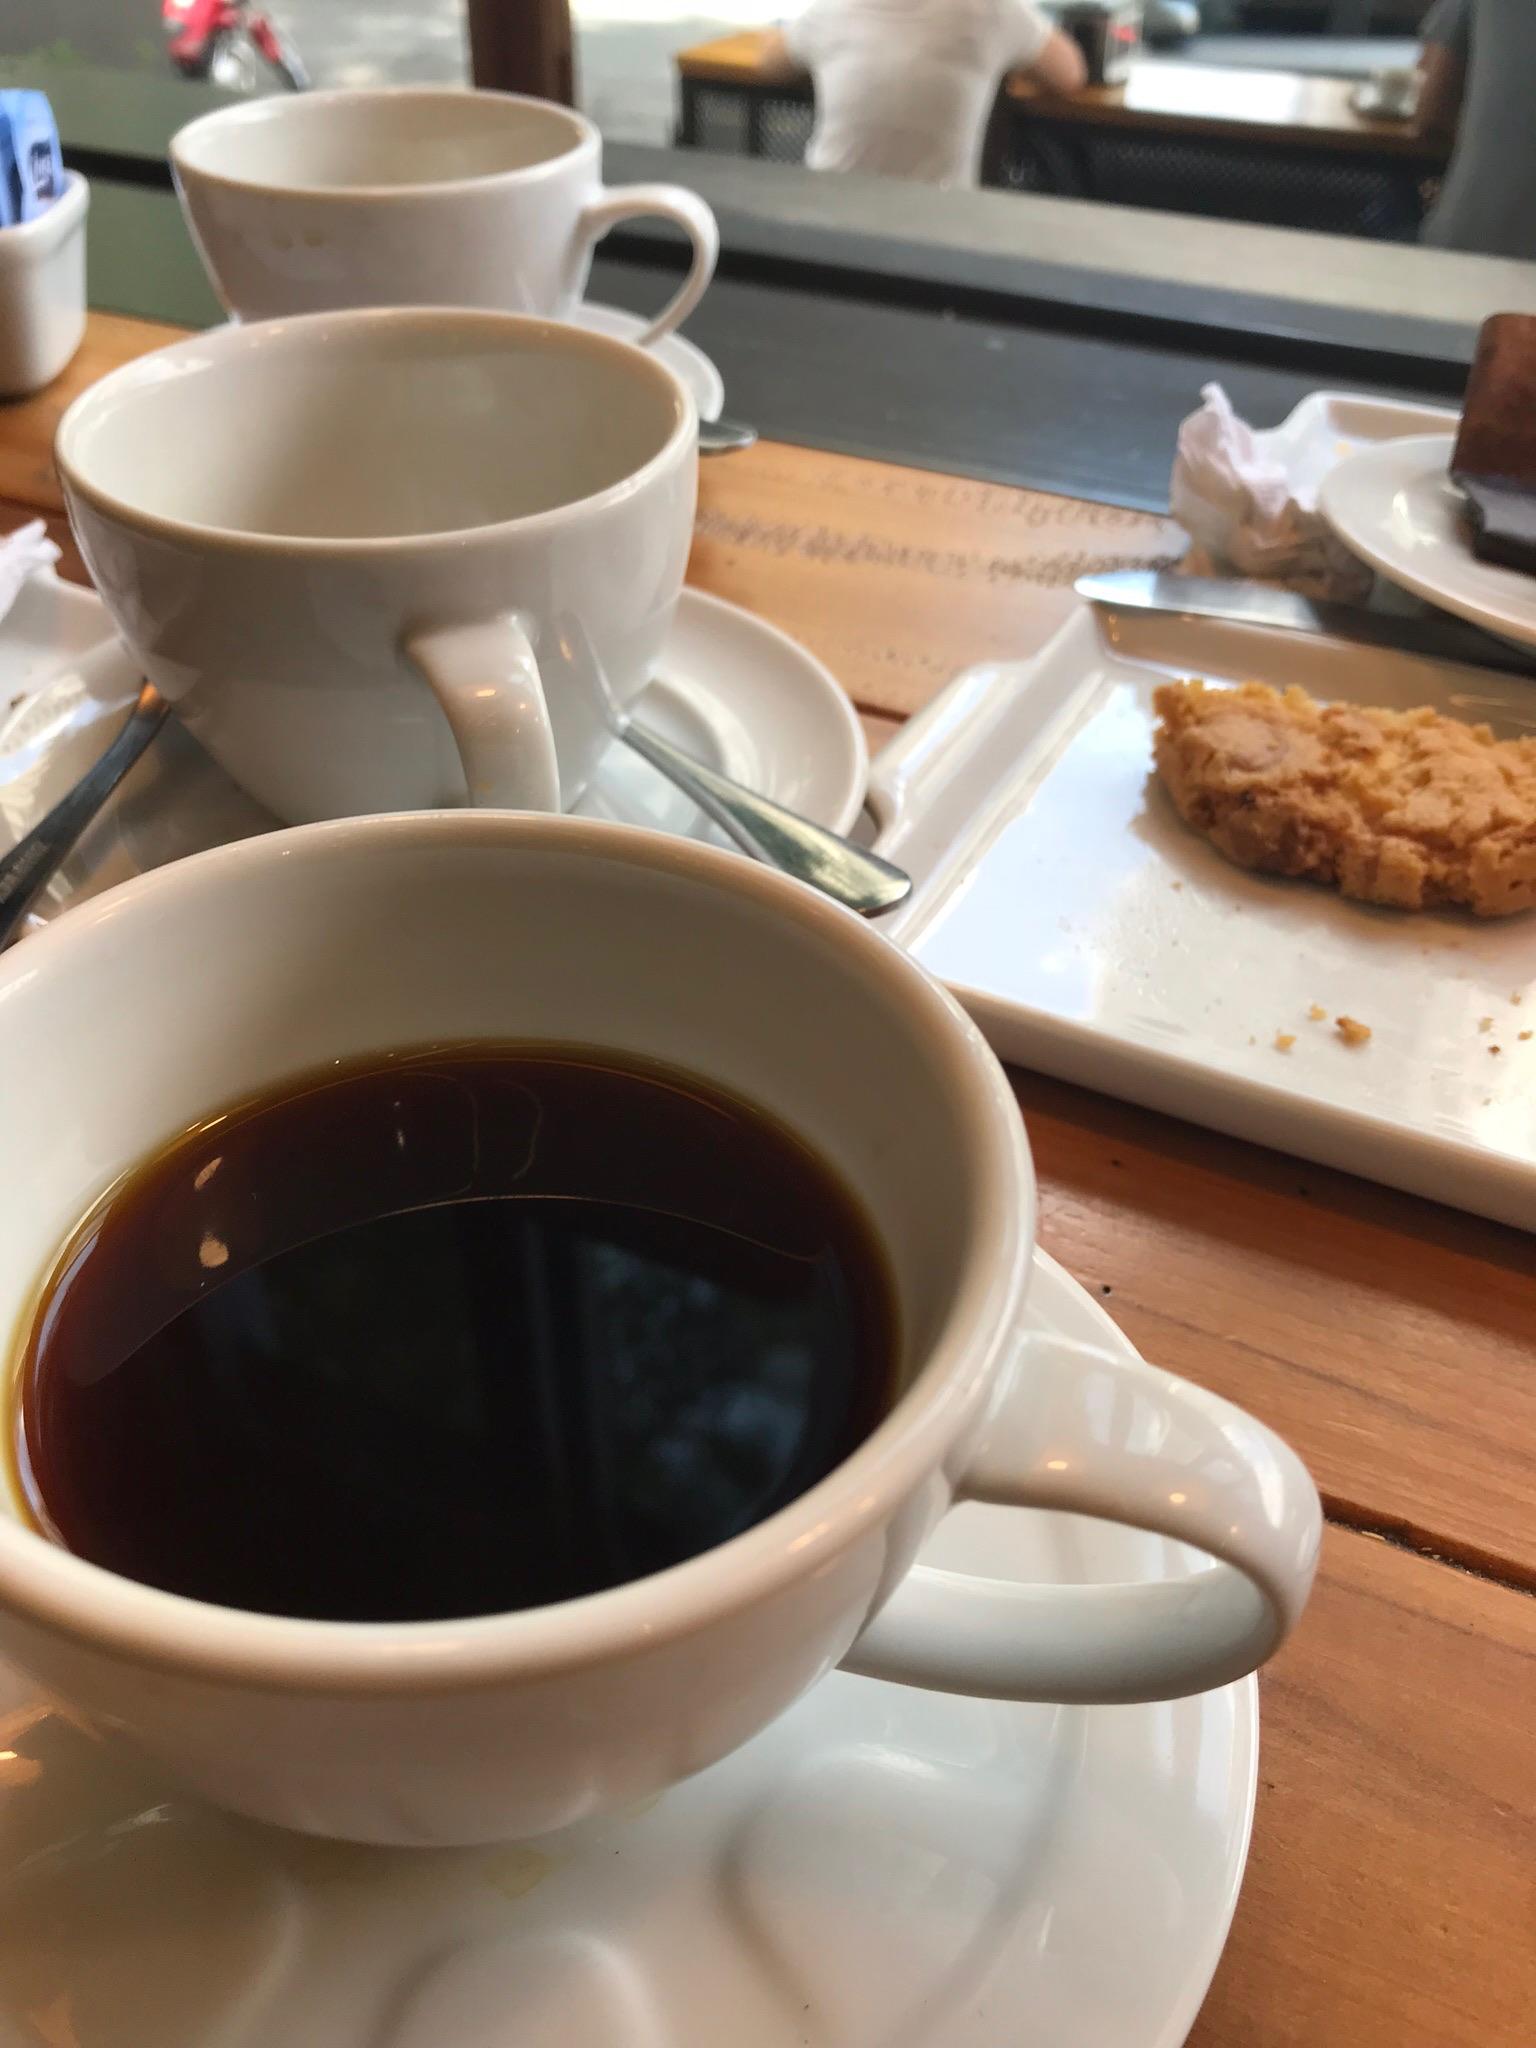 Xícaras de café, duas vazias uma com café